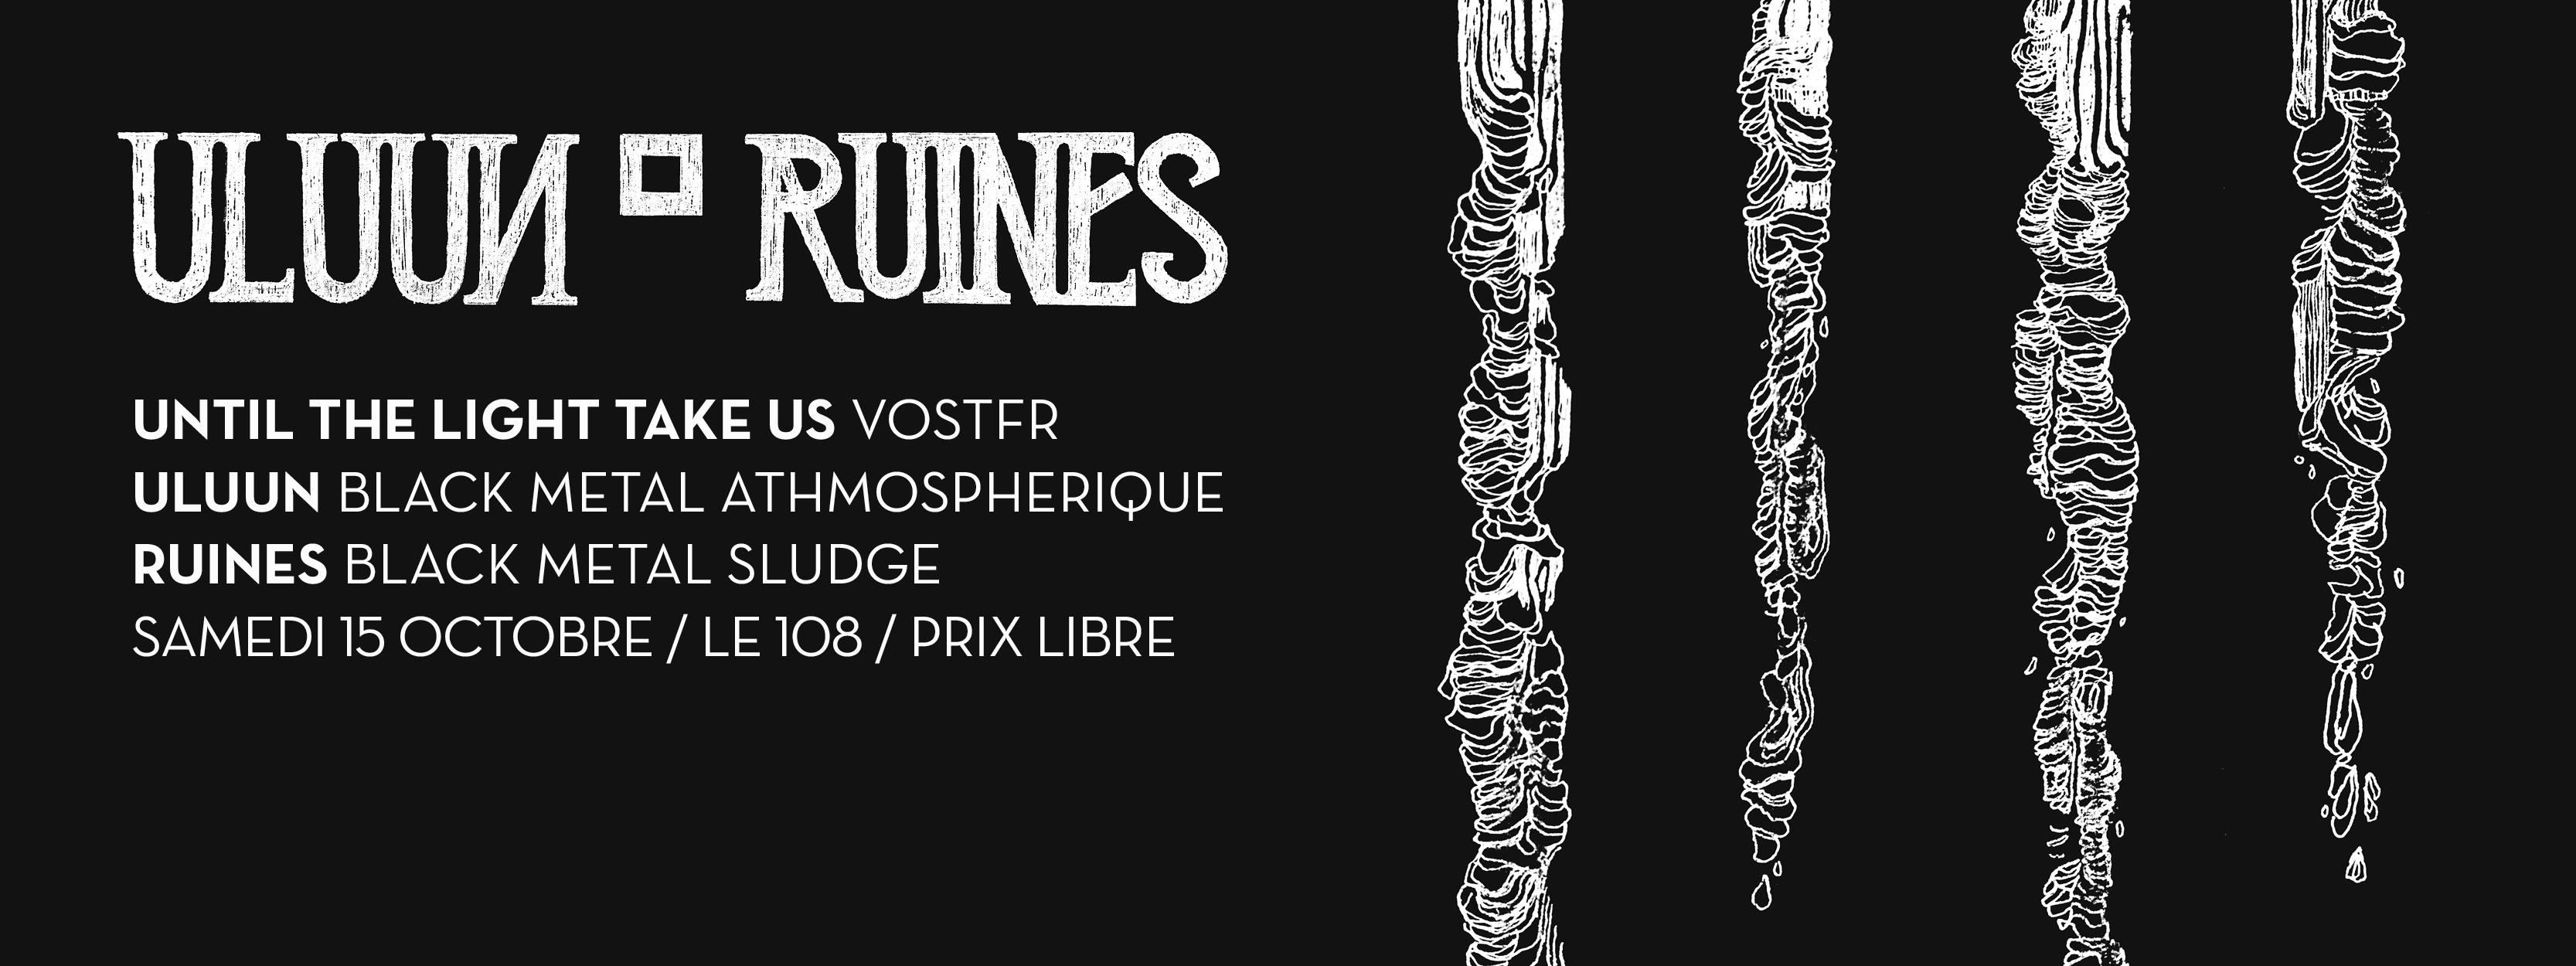 """15 Octobre 2016 Uluun, Ruines à Orléans """"le 108"""""""